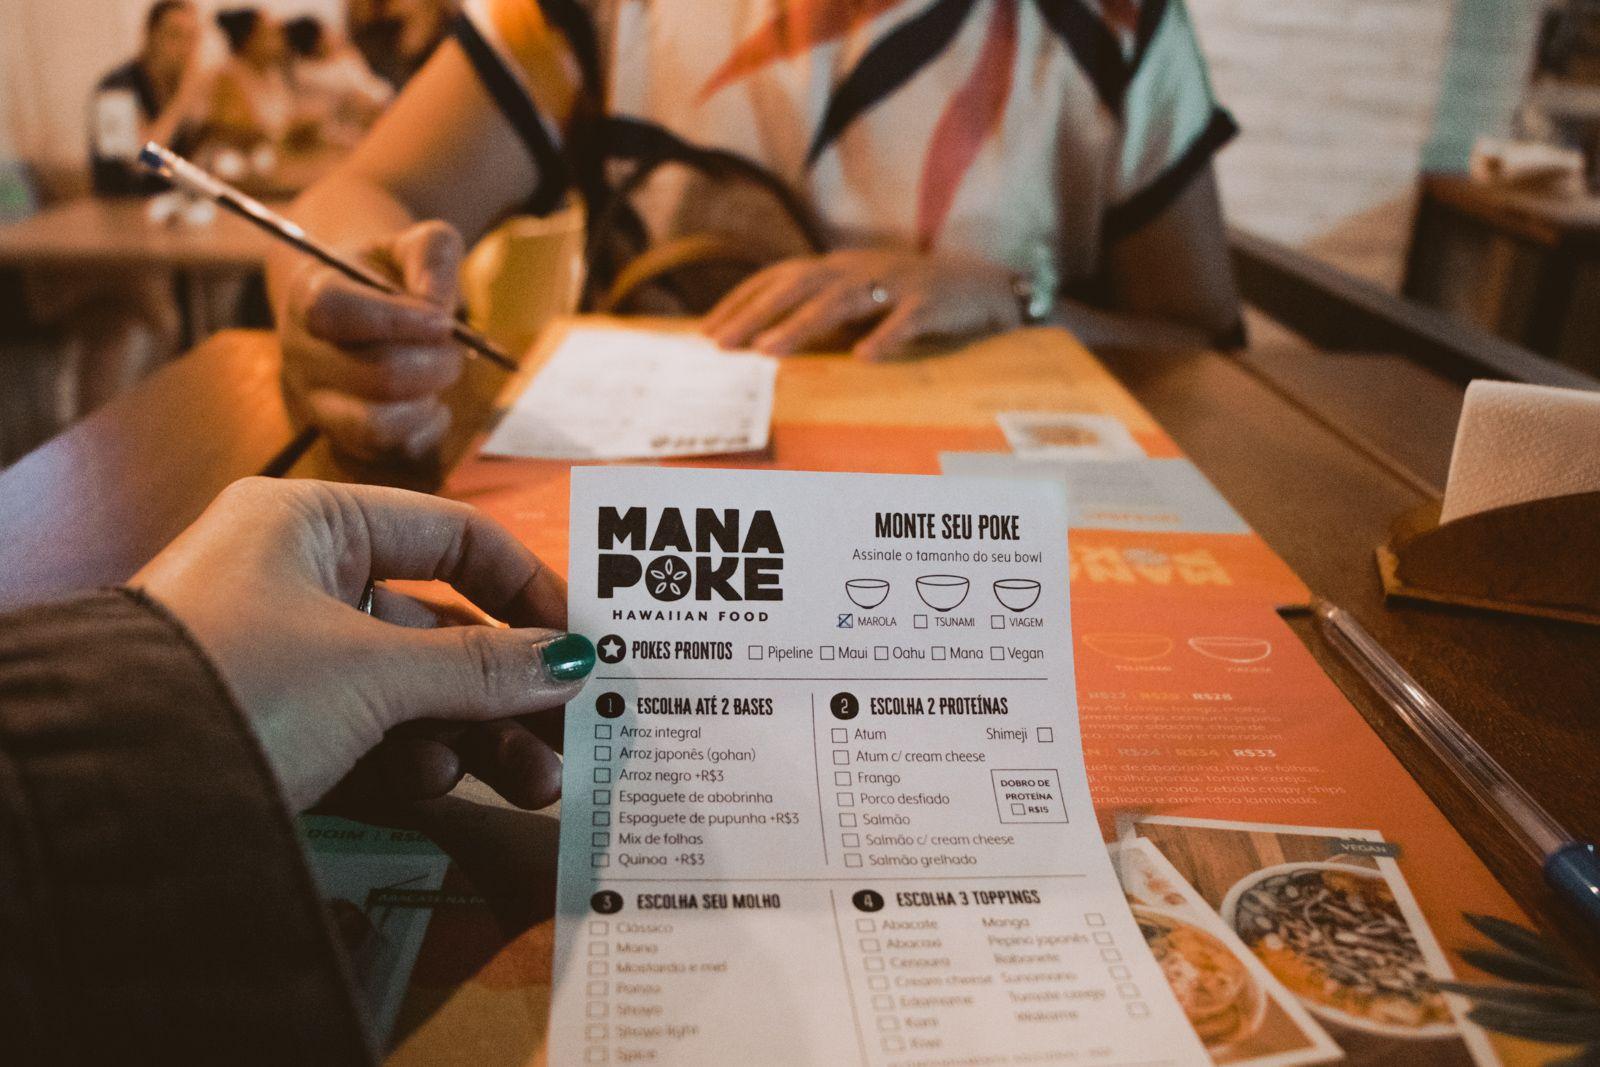 Mana Poke | Campinas - SP monte seu pedido